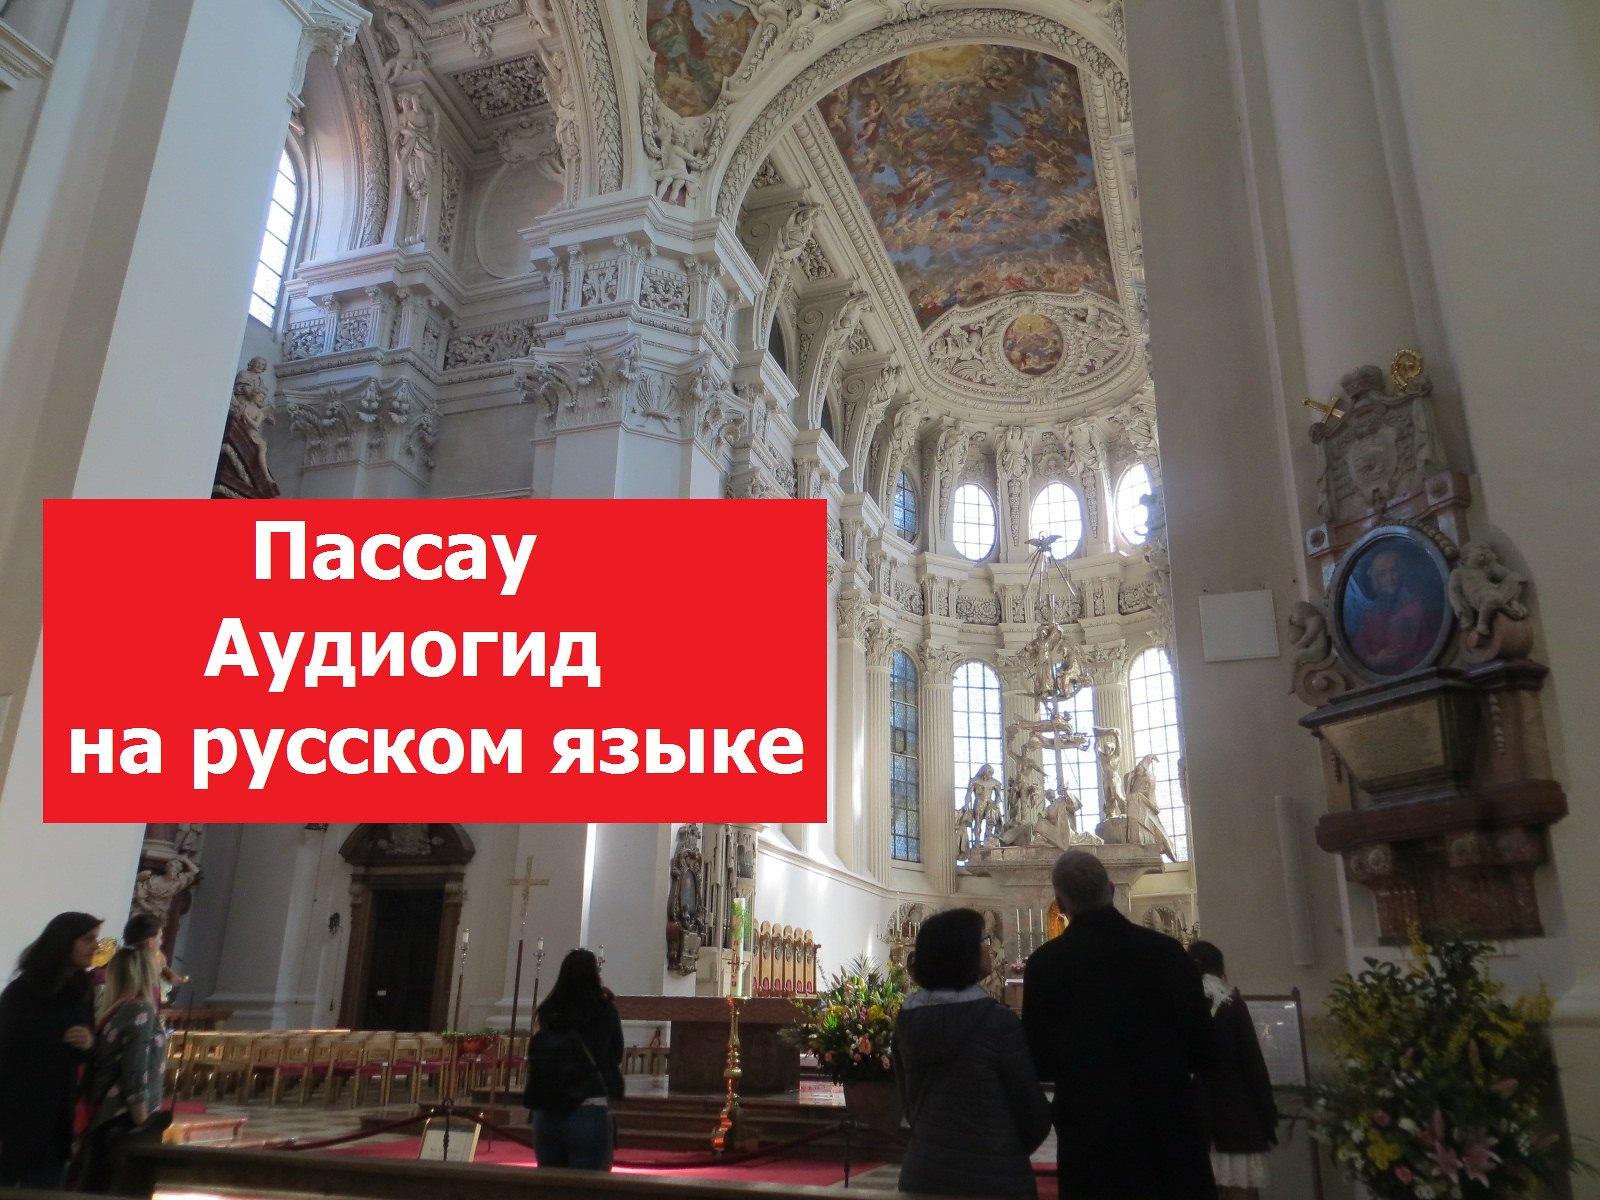 Пассау. Аудио-видео-путеводитель. На русском языке